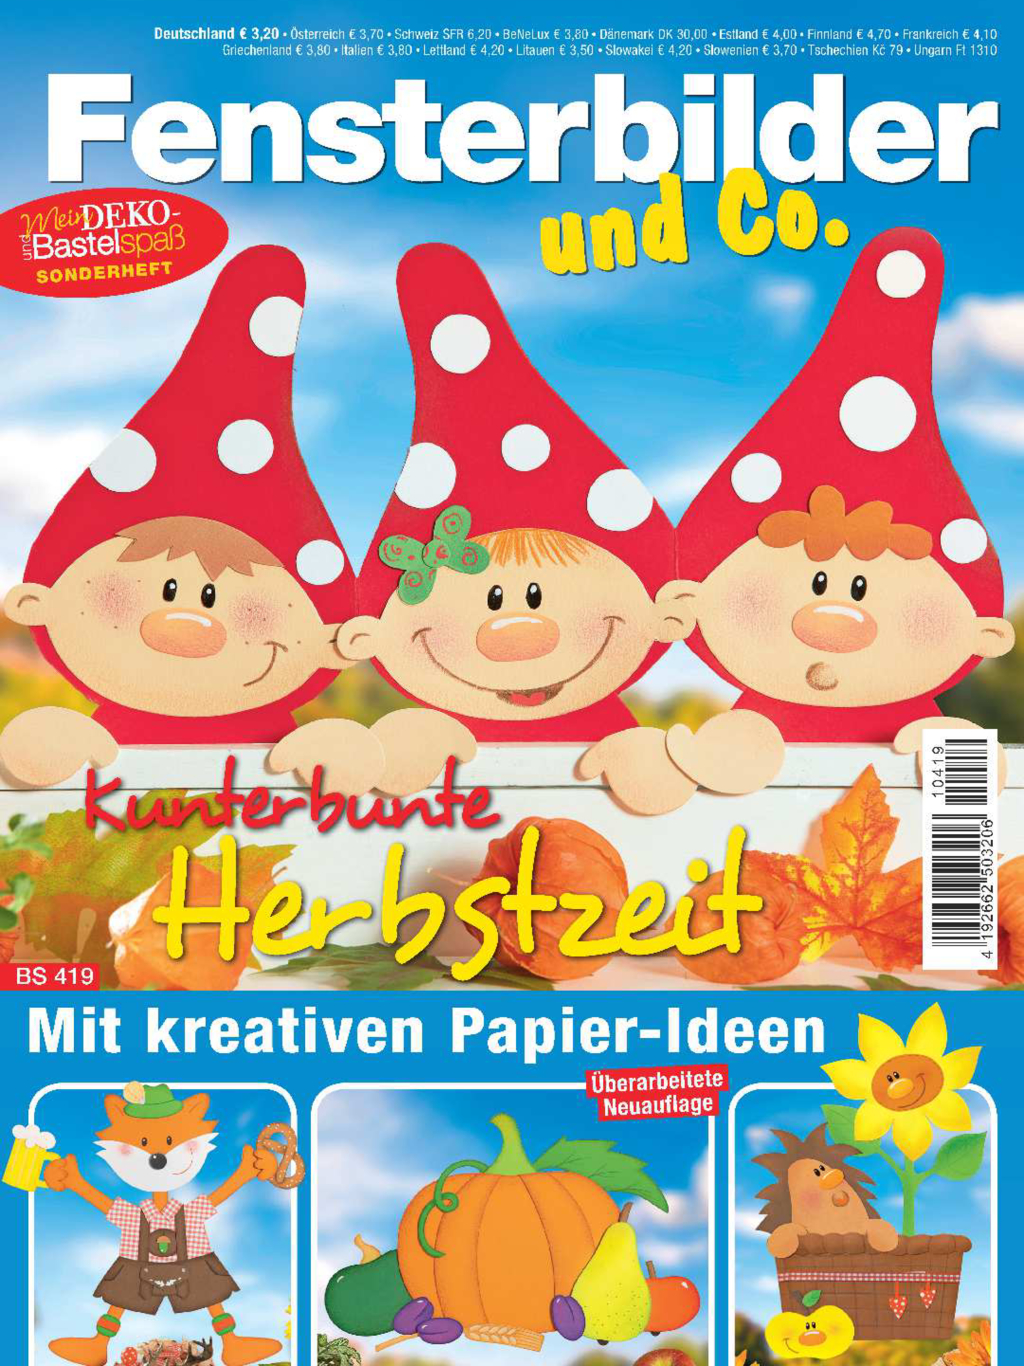 Mein Deko- und Bastelspaß Sonderheft  BS 419 - Kunterbunte Herbstzeit